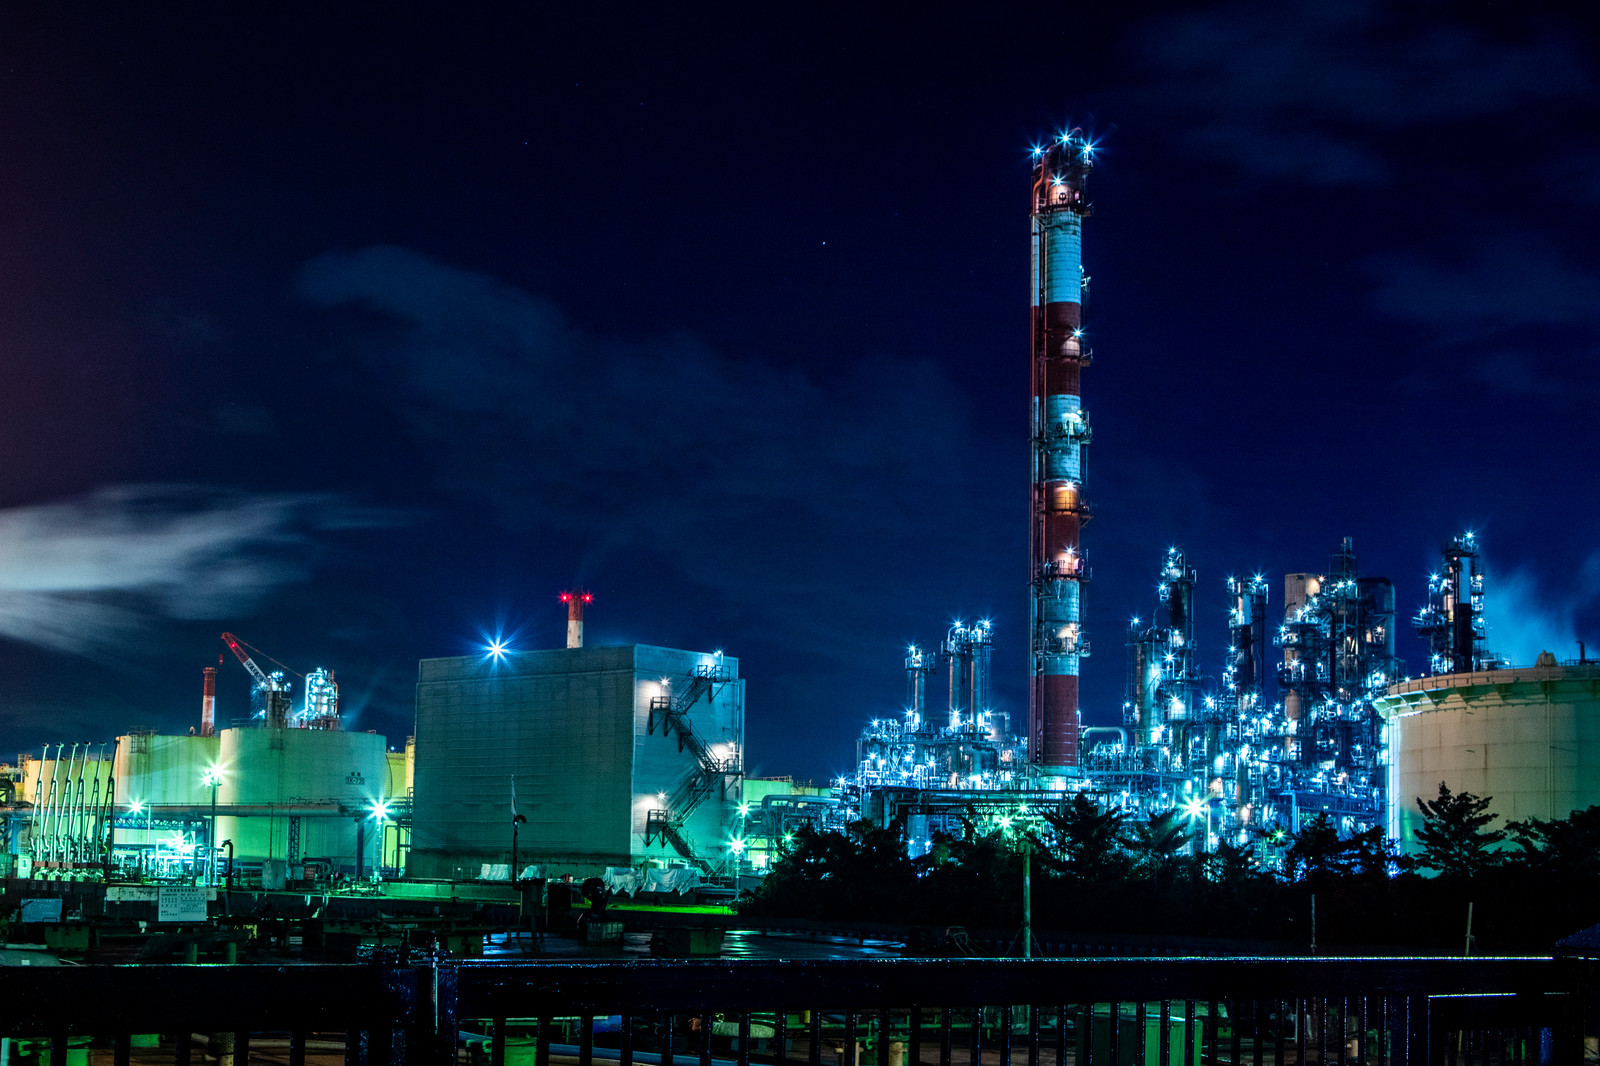 「川崎の工場夜景」の写真